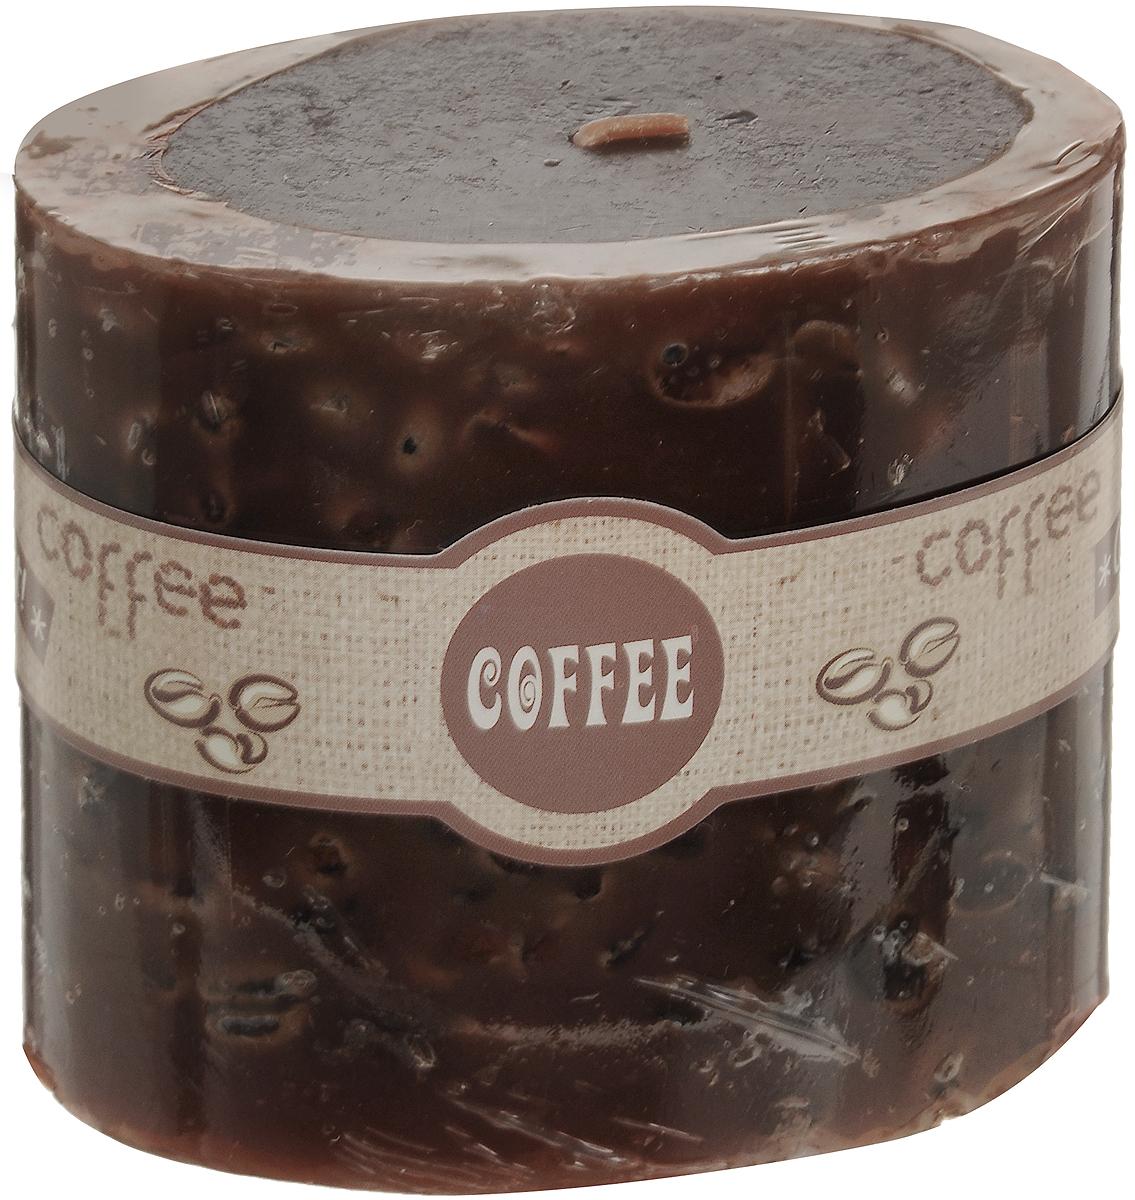 Свеча декоративная Lovemark Кофе, ароматизированная, цвет: коричневый, 9 х 5,5 х 8 см08GS1504-COДекоративная свеча Lovemark Кофе изготовлена из высококачественного парафина. Изделие отличается оригинальным дизайном и приятным ароматом кофе. Такая свеча может стать отличным подарком или дополнить интерьер вашей комнаты.